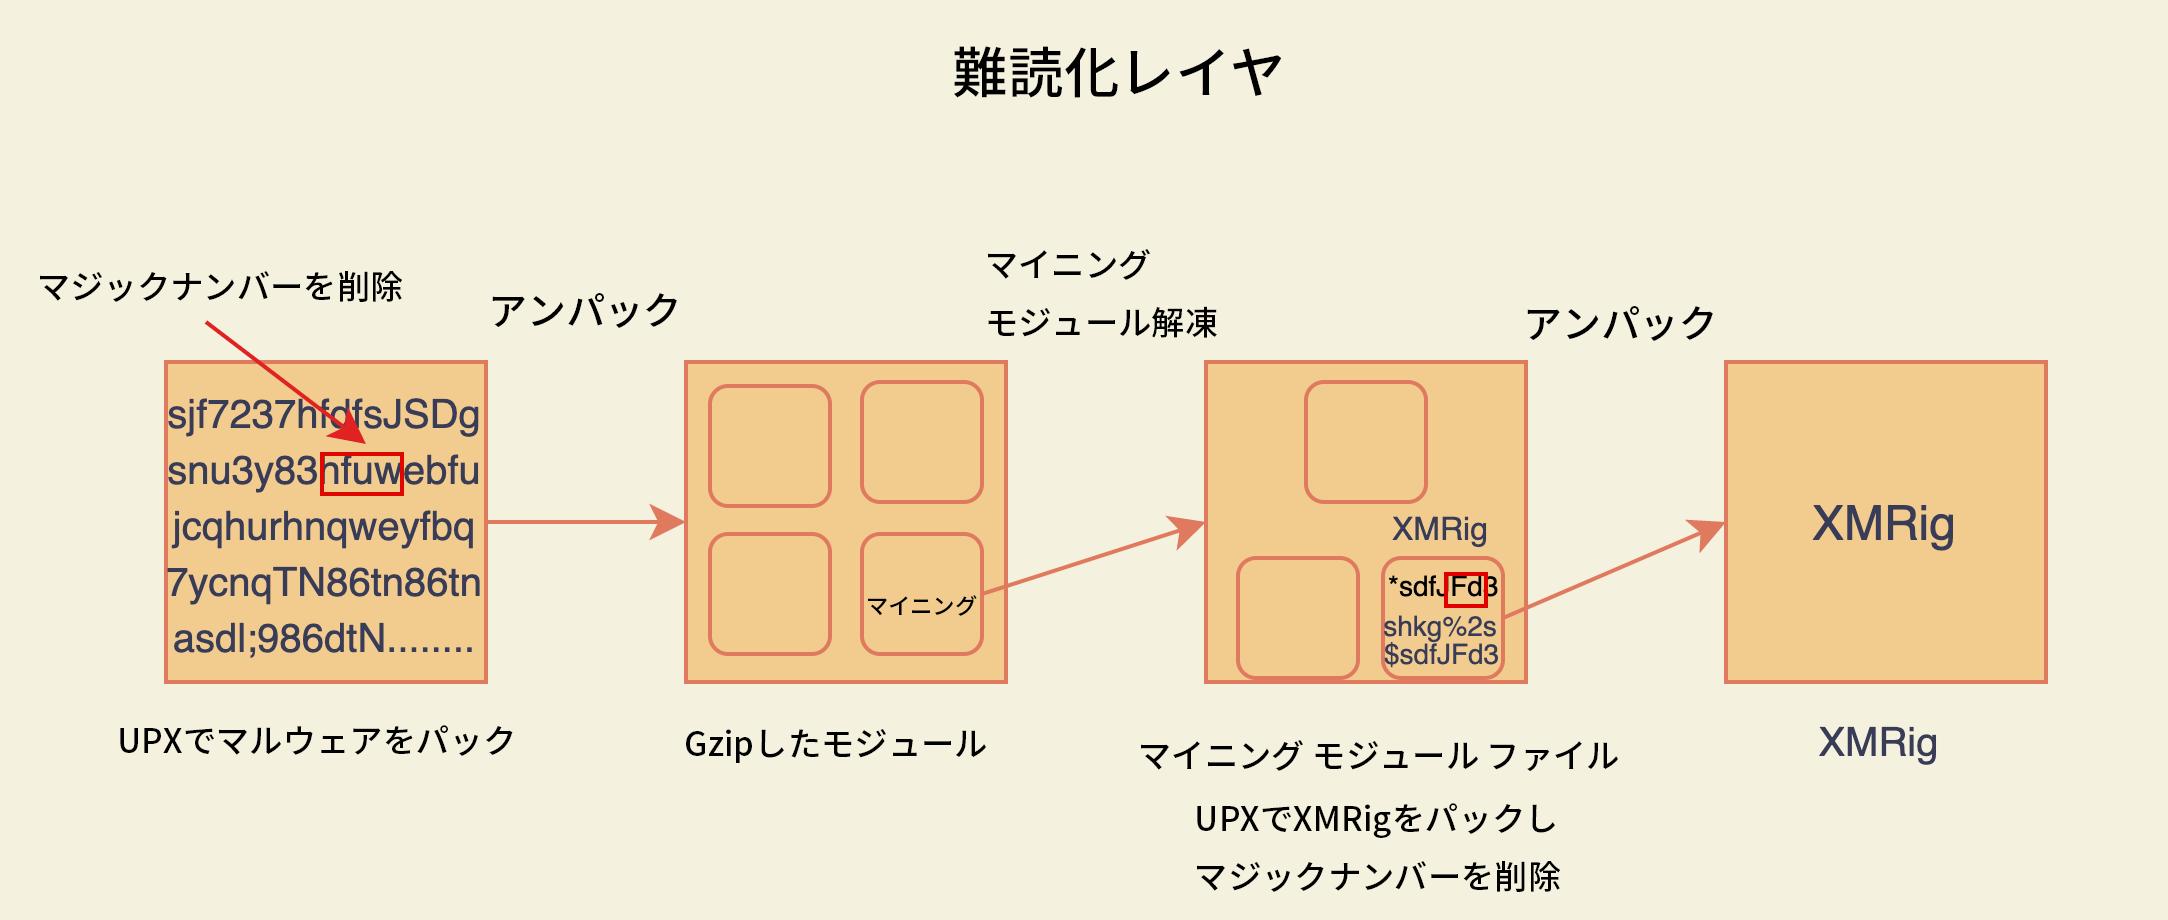 図1 難読化レイヤー